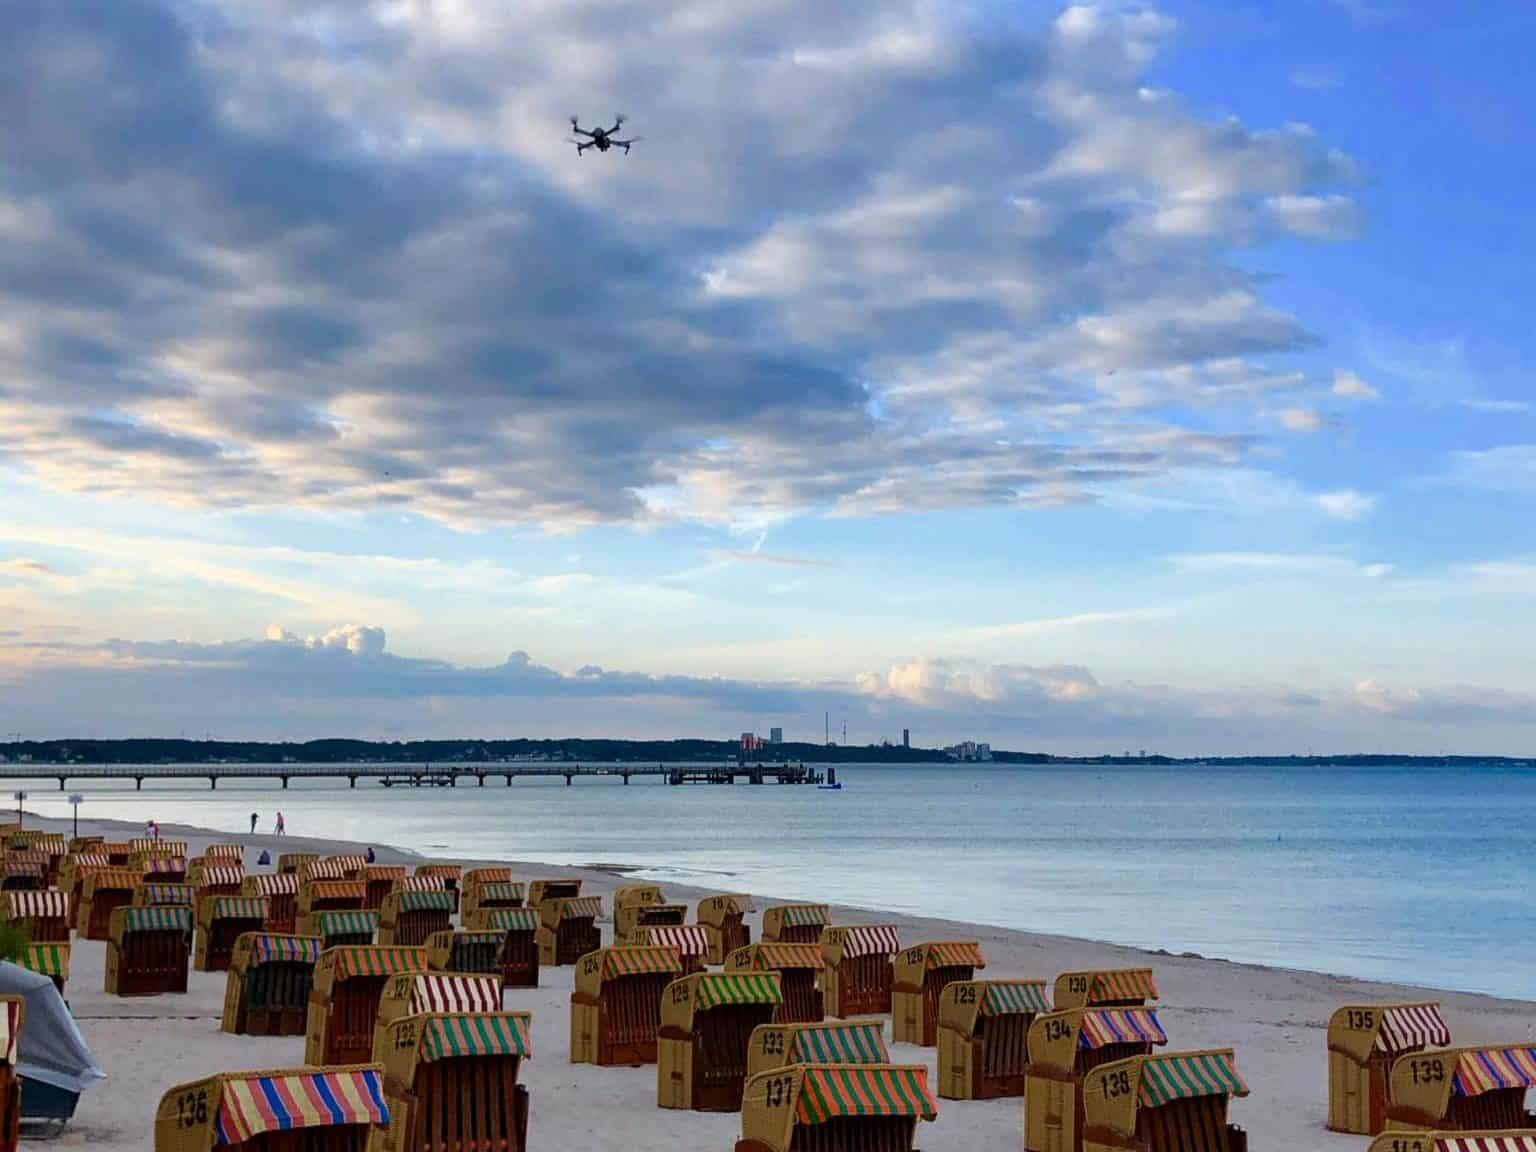 Ein Vogel oder eine Drohne? Passanten beobachten gespannt den Flug. Foto: Sascha Tegtmeyer